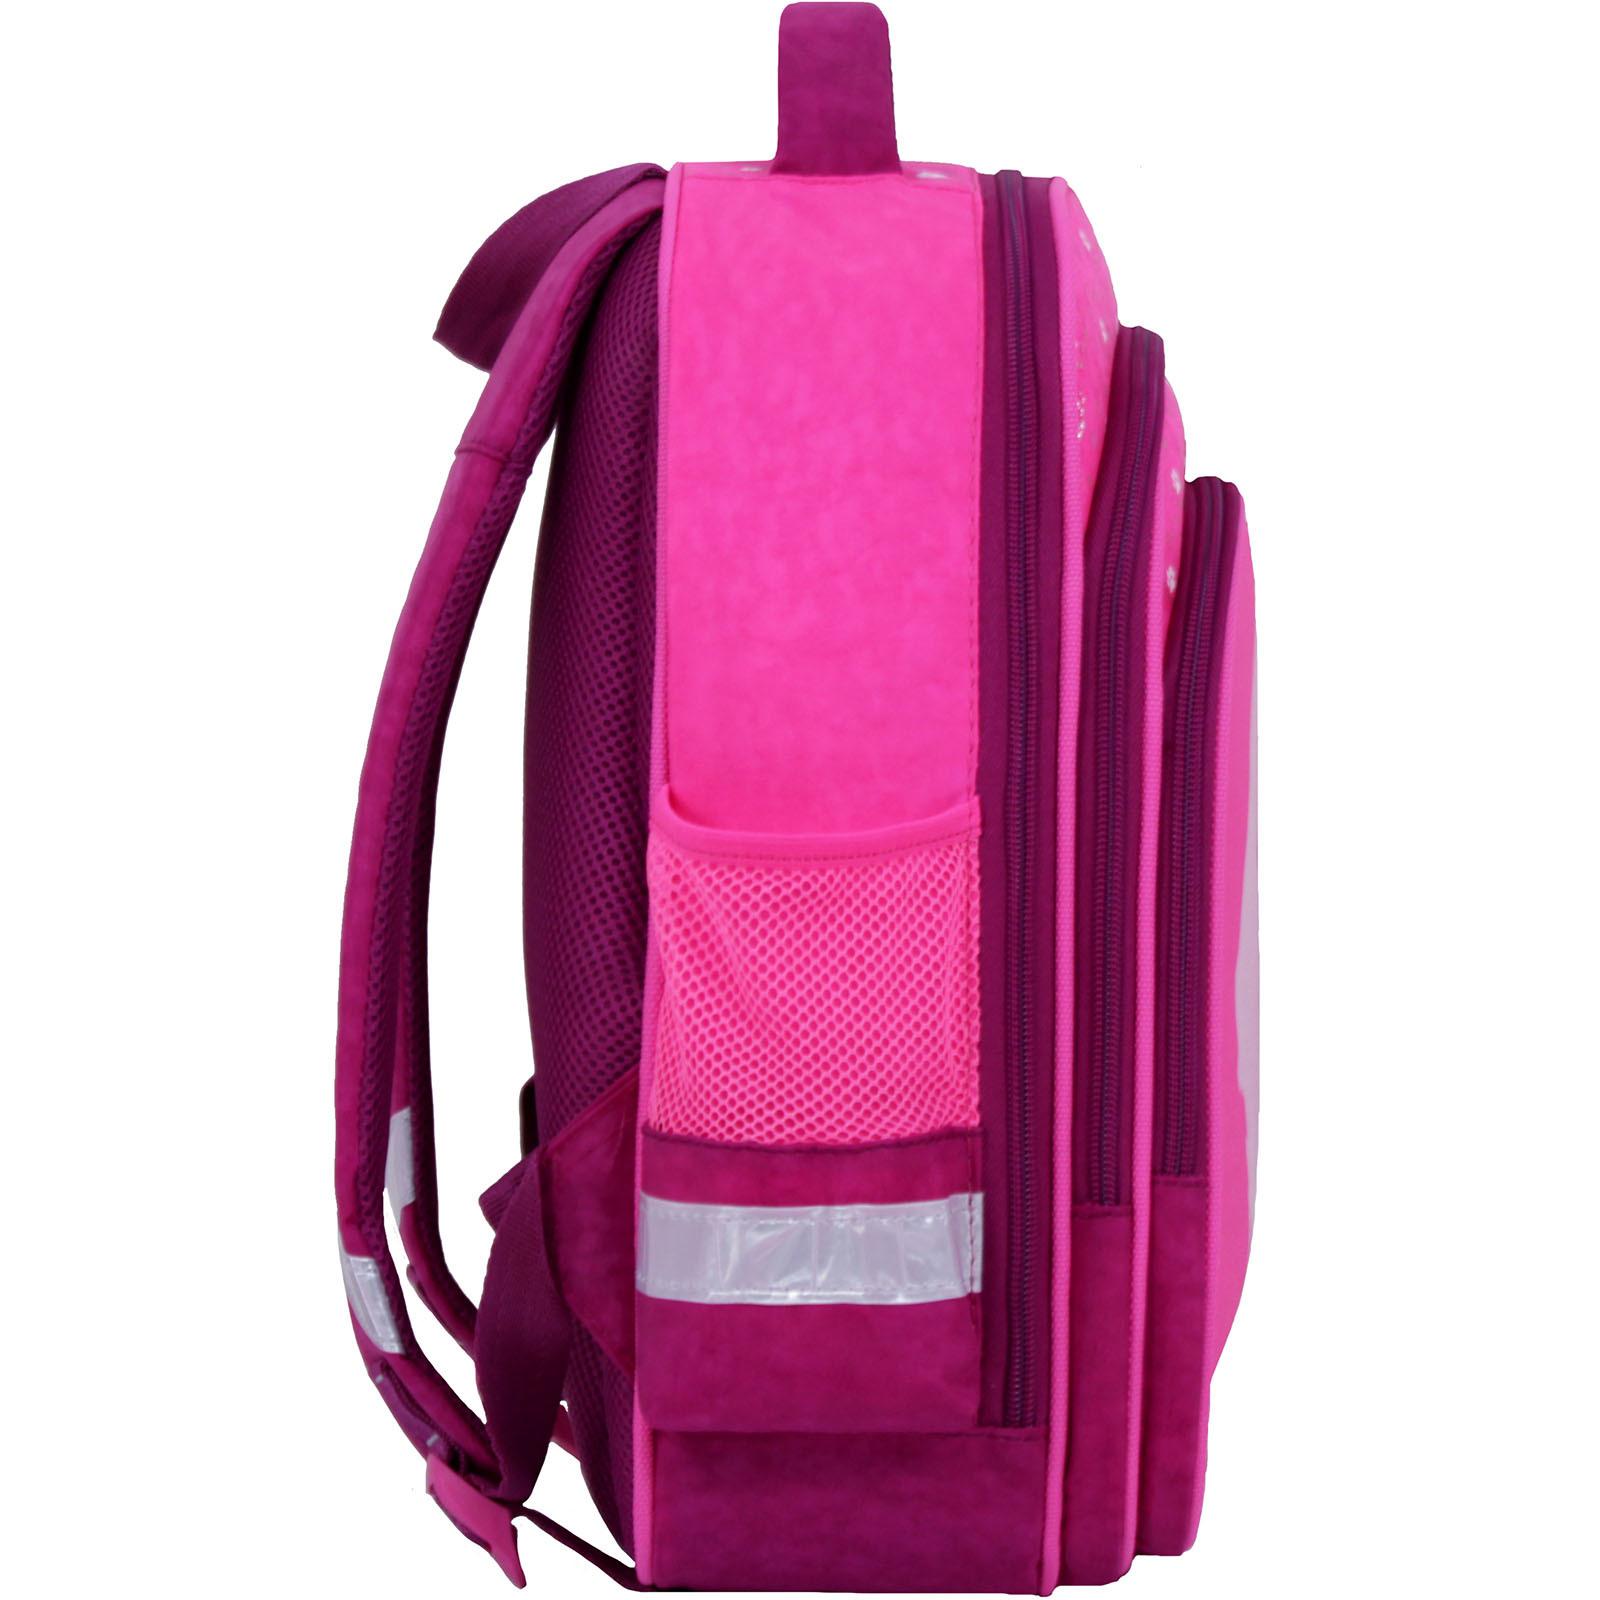 Рюкзак школьный Bagland Mouse 143 малиновый 167к (0051370) фото 2